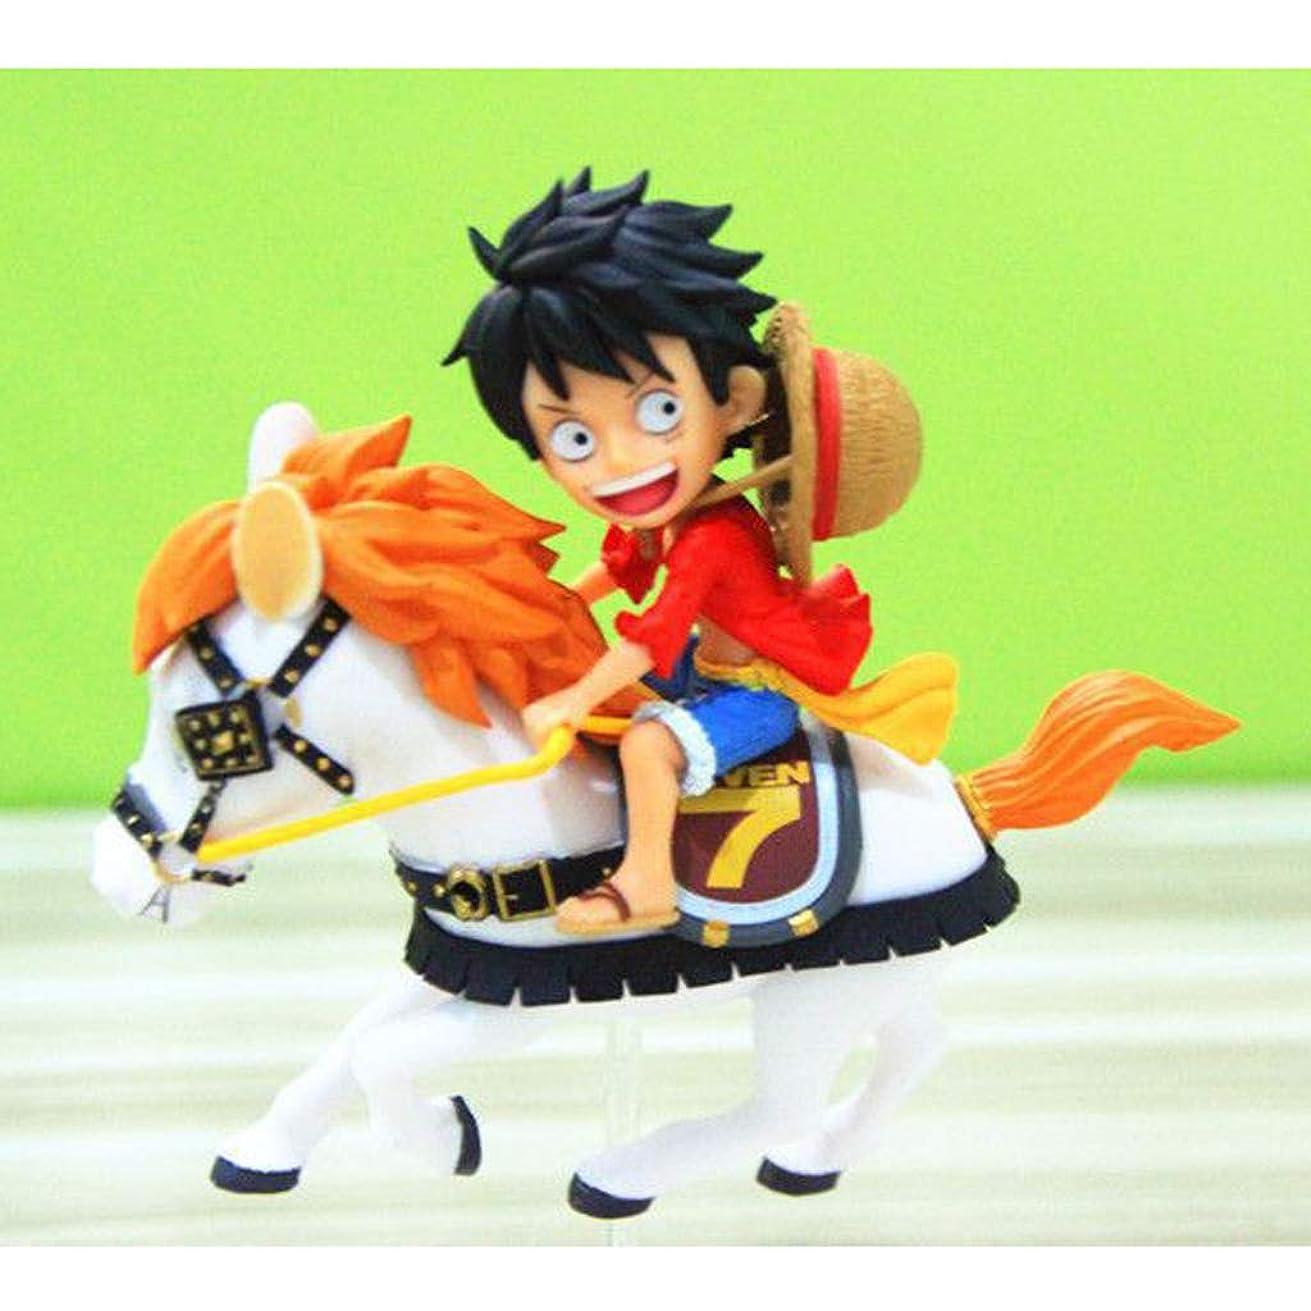 ブレース群がるテント乗馬ルフィ玩具像ワンピース玩具モデル漫画のキャラクターギフト/コレクション12CM装飾工芸品 Hyococ